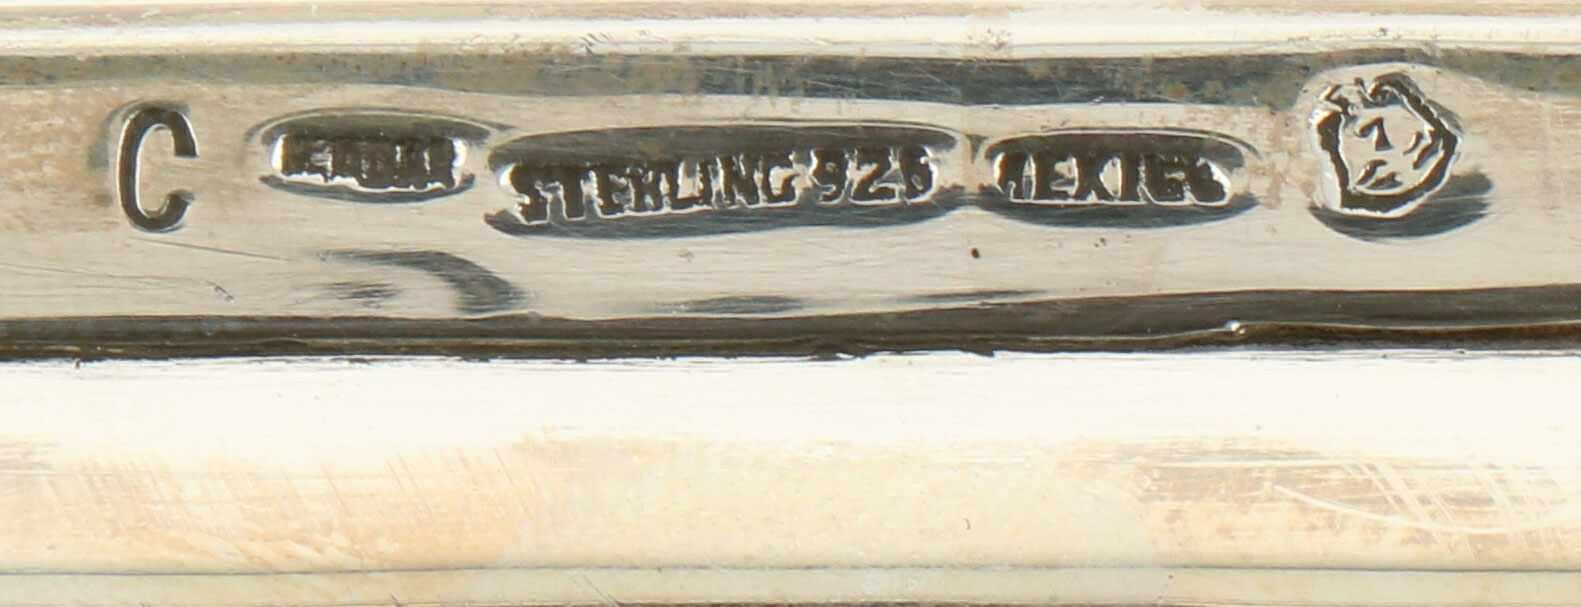 Dienblad zilver.Rechthoekig gestileerd model met meegegoten handvatten. Mexico, Mexico stad, C. - Bild 3 aus 3